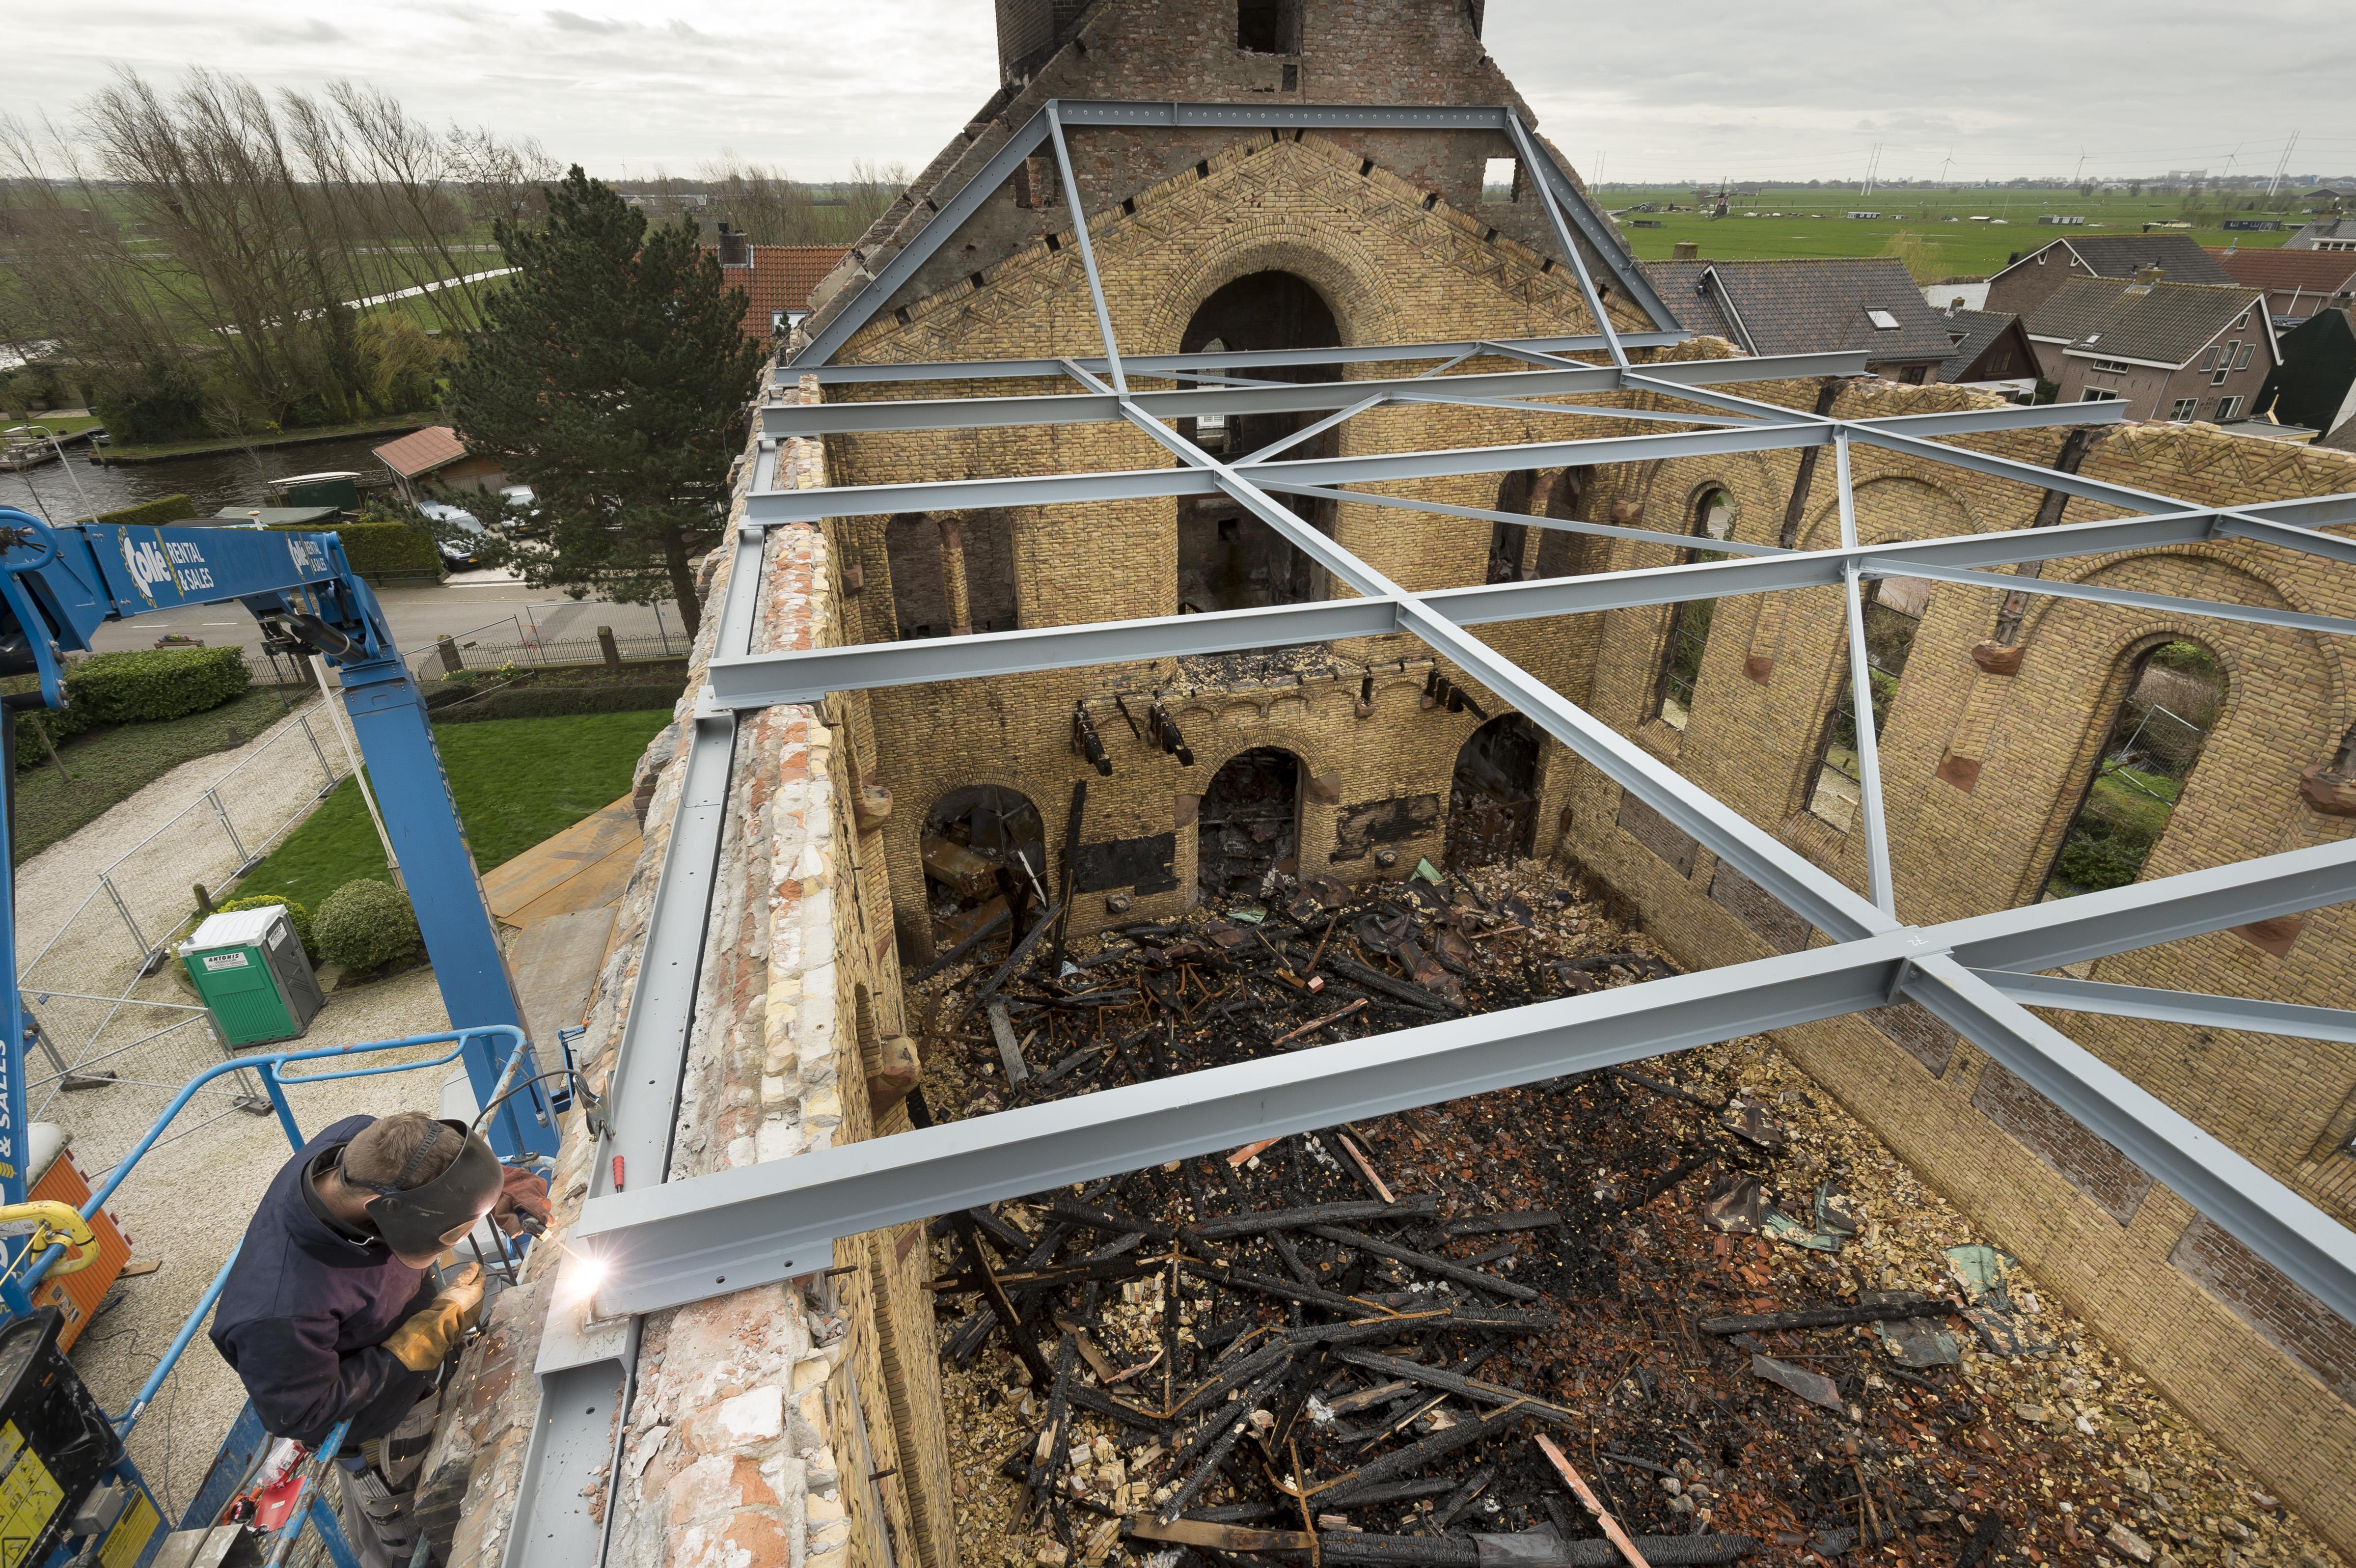 Katholieke kerk Hoogmade is nu bijna 'veilig gesteld' dankzij een enorme stalen constructie